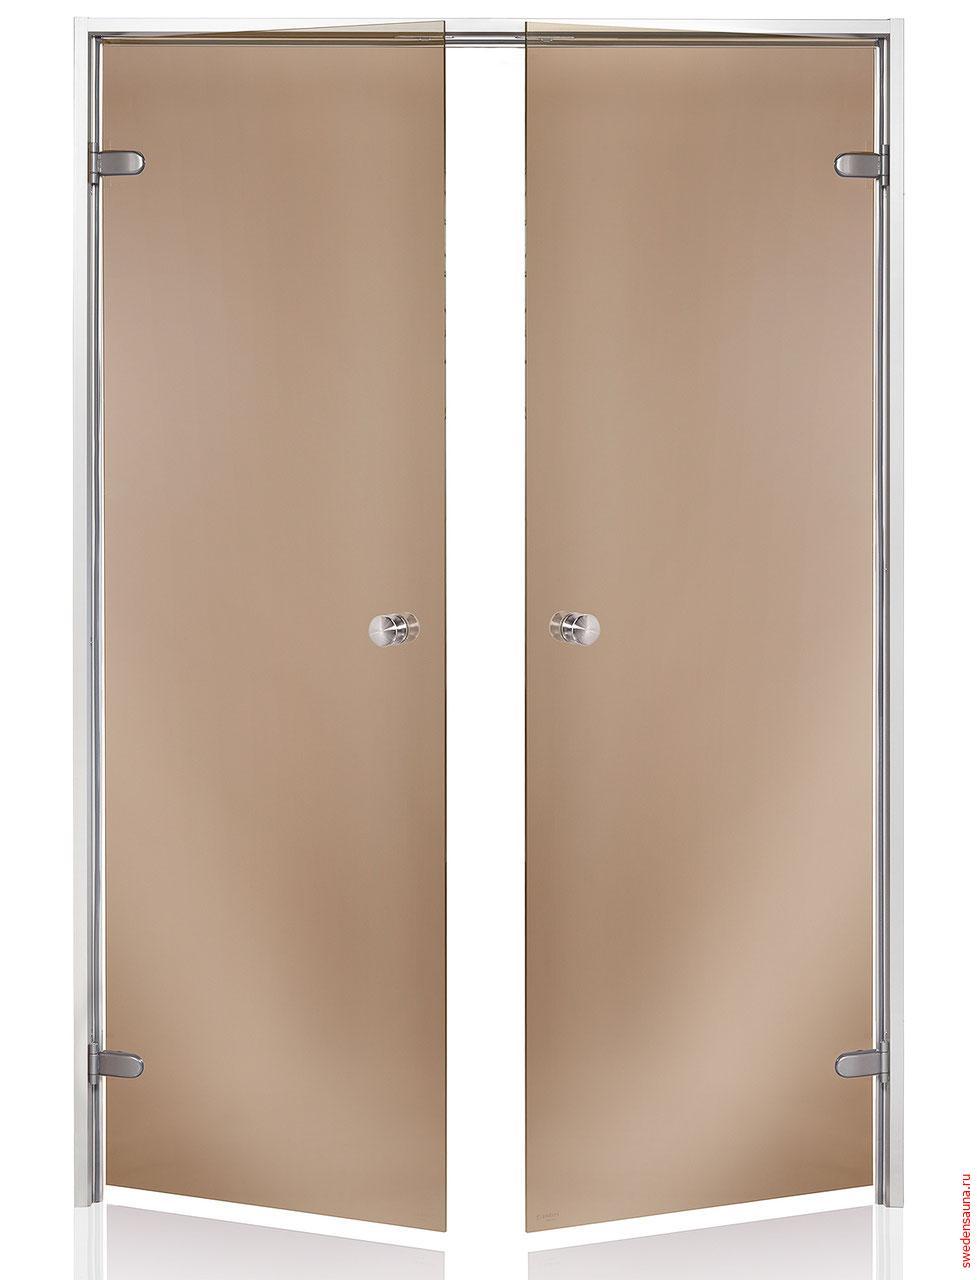 Дверь двойная Harvia ALU 15×19 стекло бронза - фото, описание, отзывы.